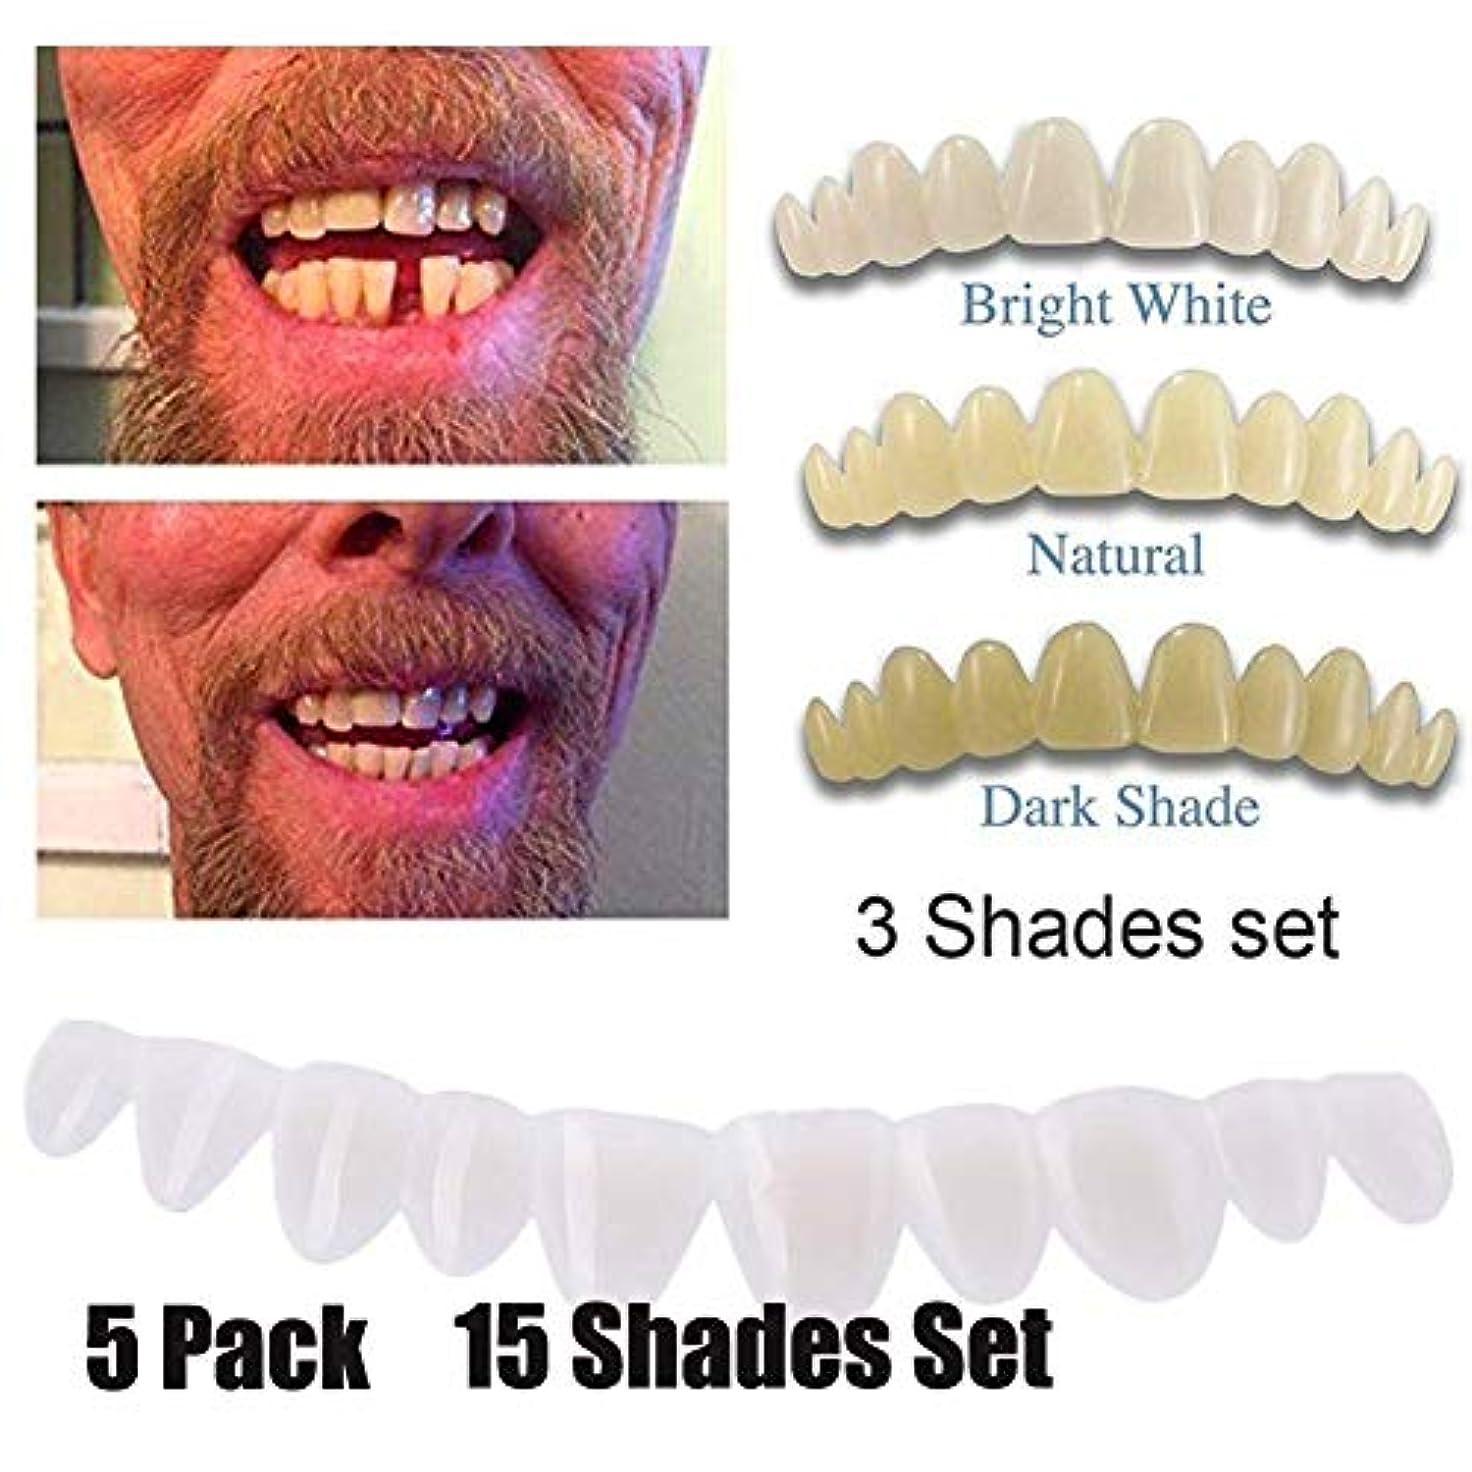 振り返るアシスタントセント5パックインスタントスマイルテンポラリートゥースキット3色付き欠けているか壊れている歯の修正が数分以内にあなたの笑顔を直します